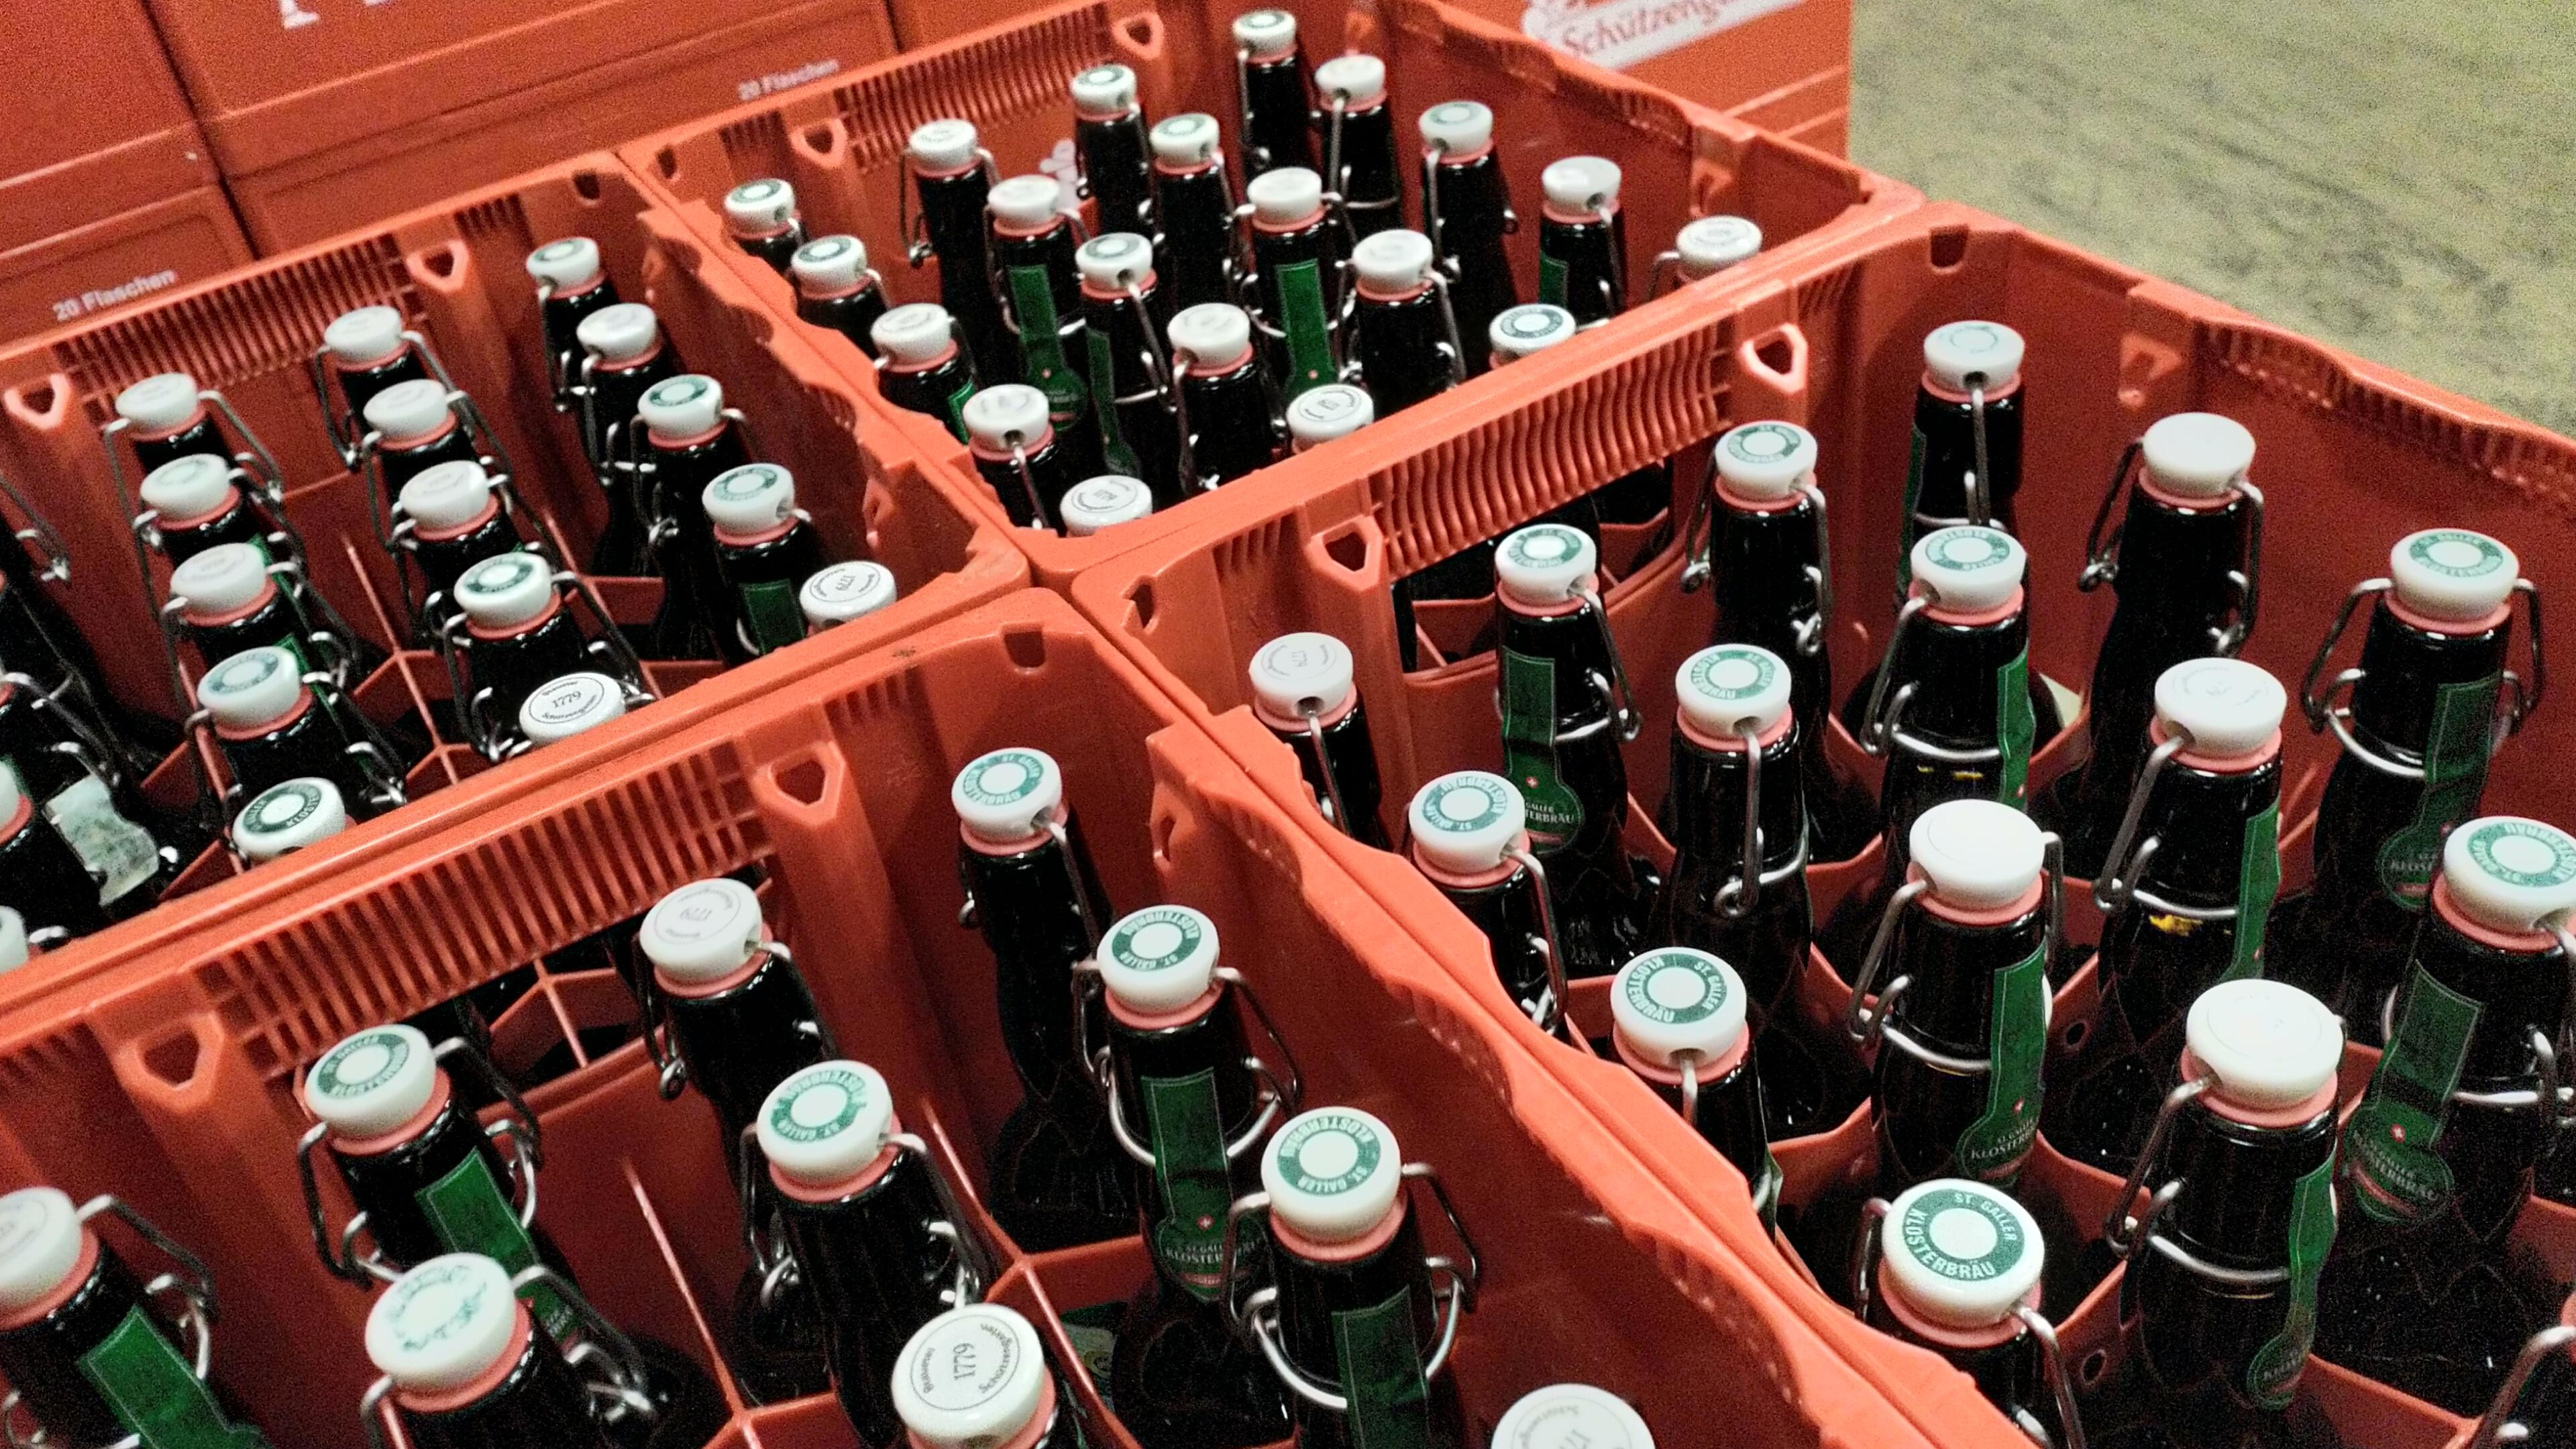 Flaschen der Brauerei Schützenngarten